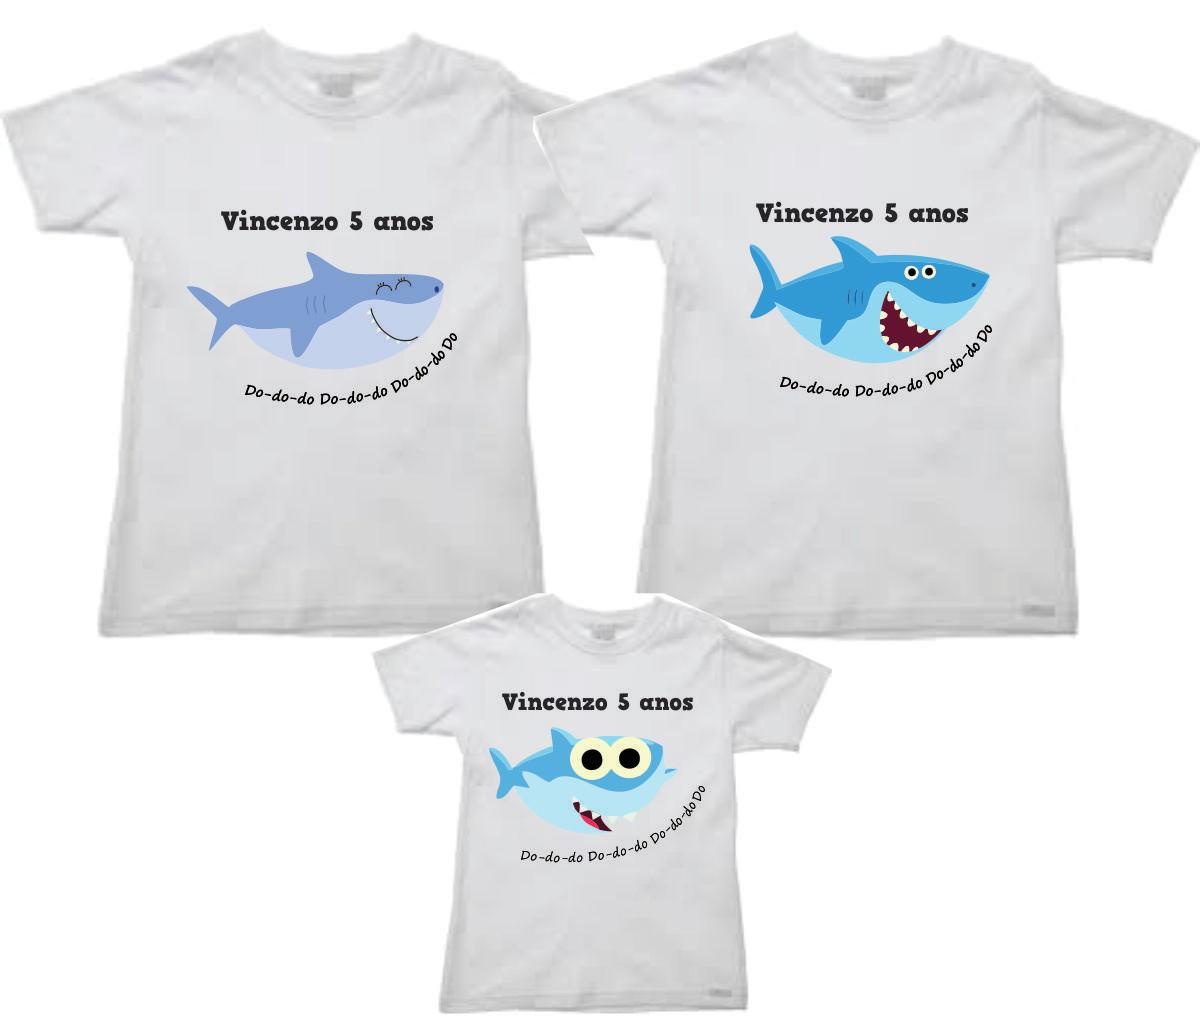 Camisetas personalizadas de tubarão no Elo7  18d06401130b6